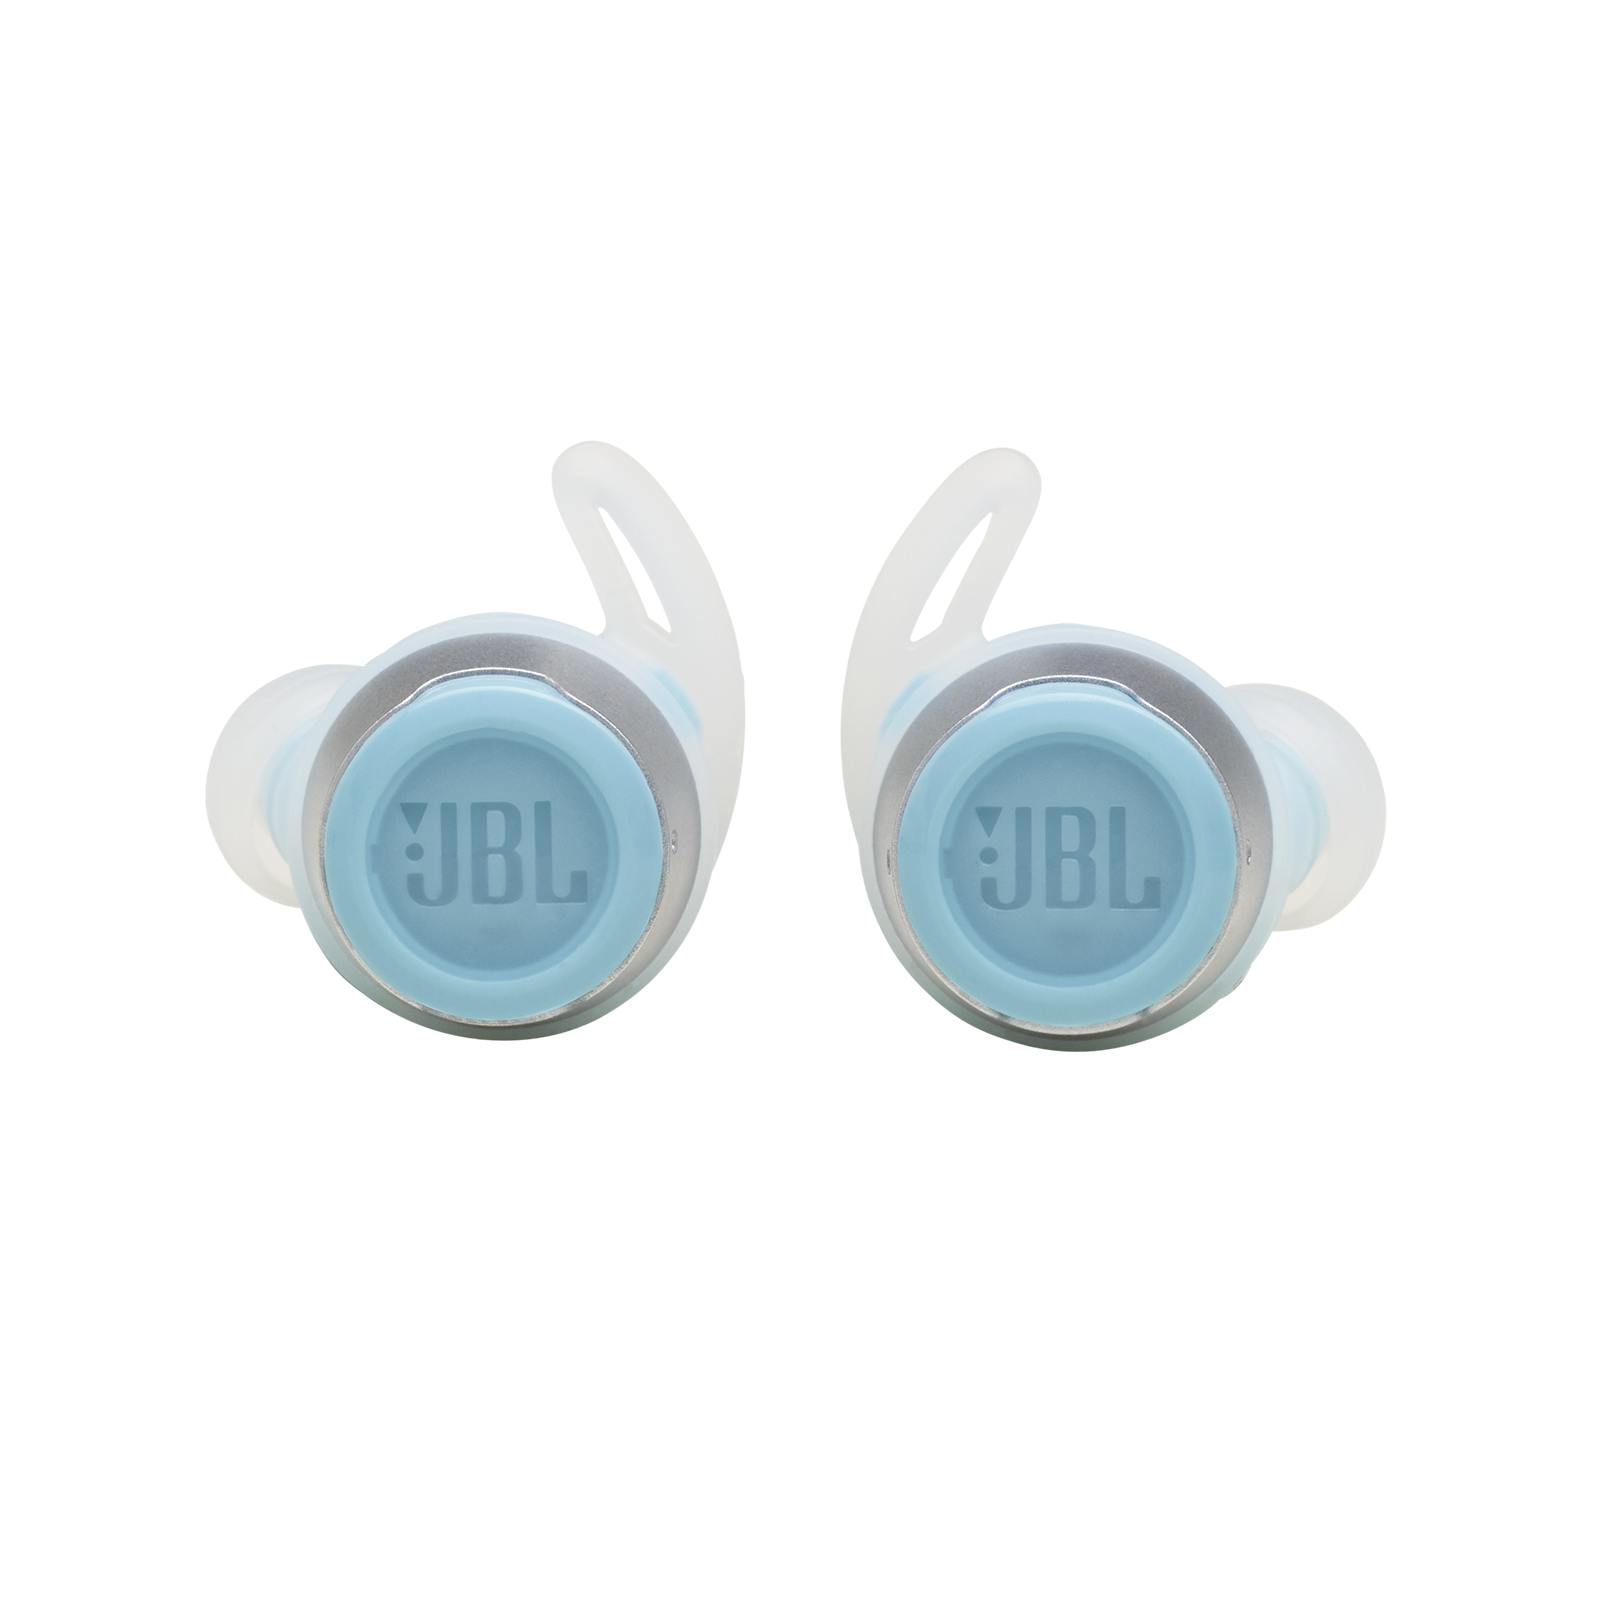 JBL REFLECT FLOW - Teal - True wireless sport headphones. - Front